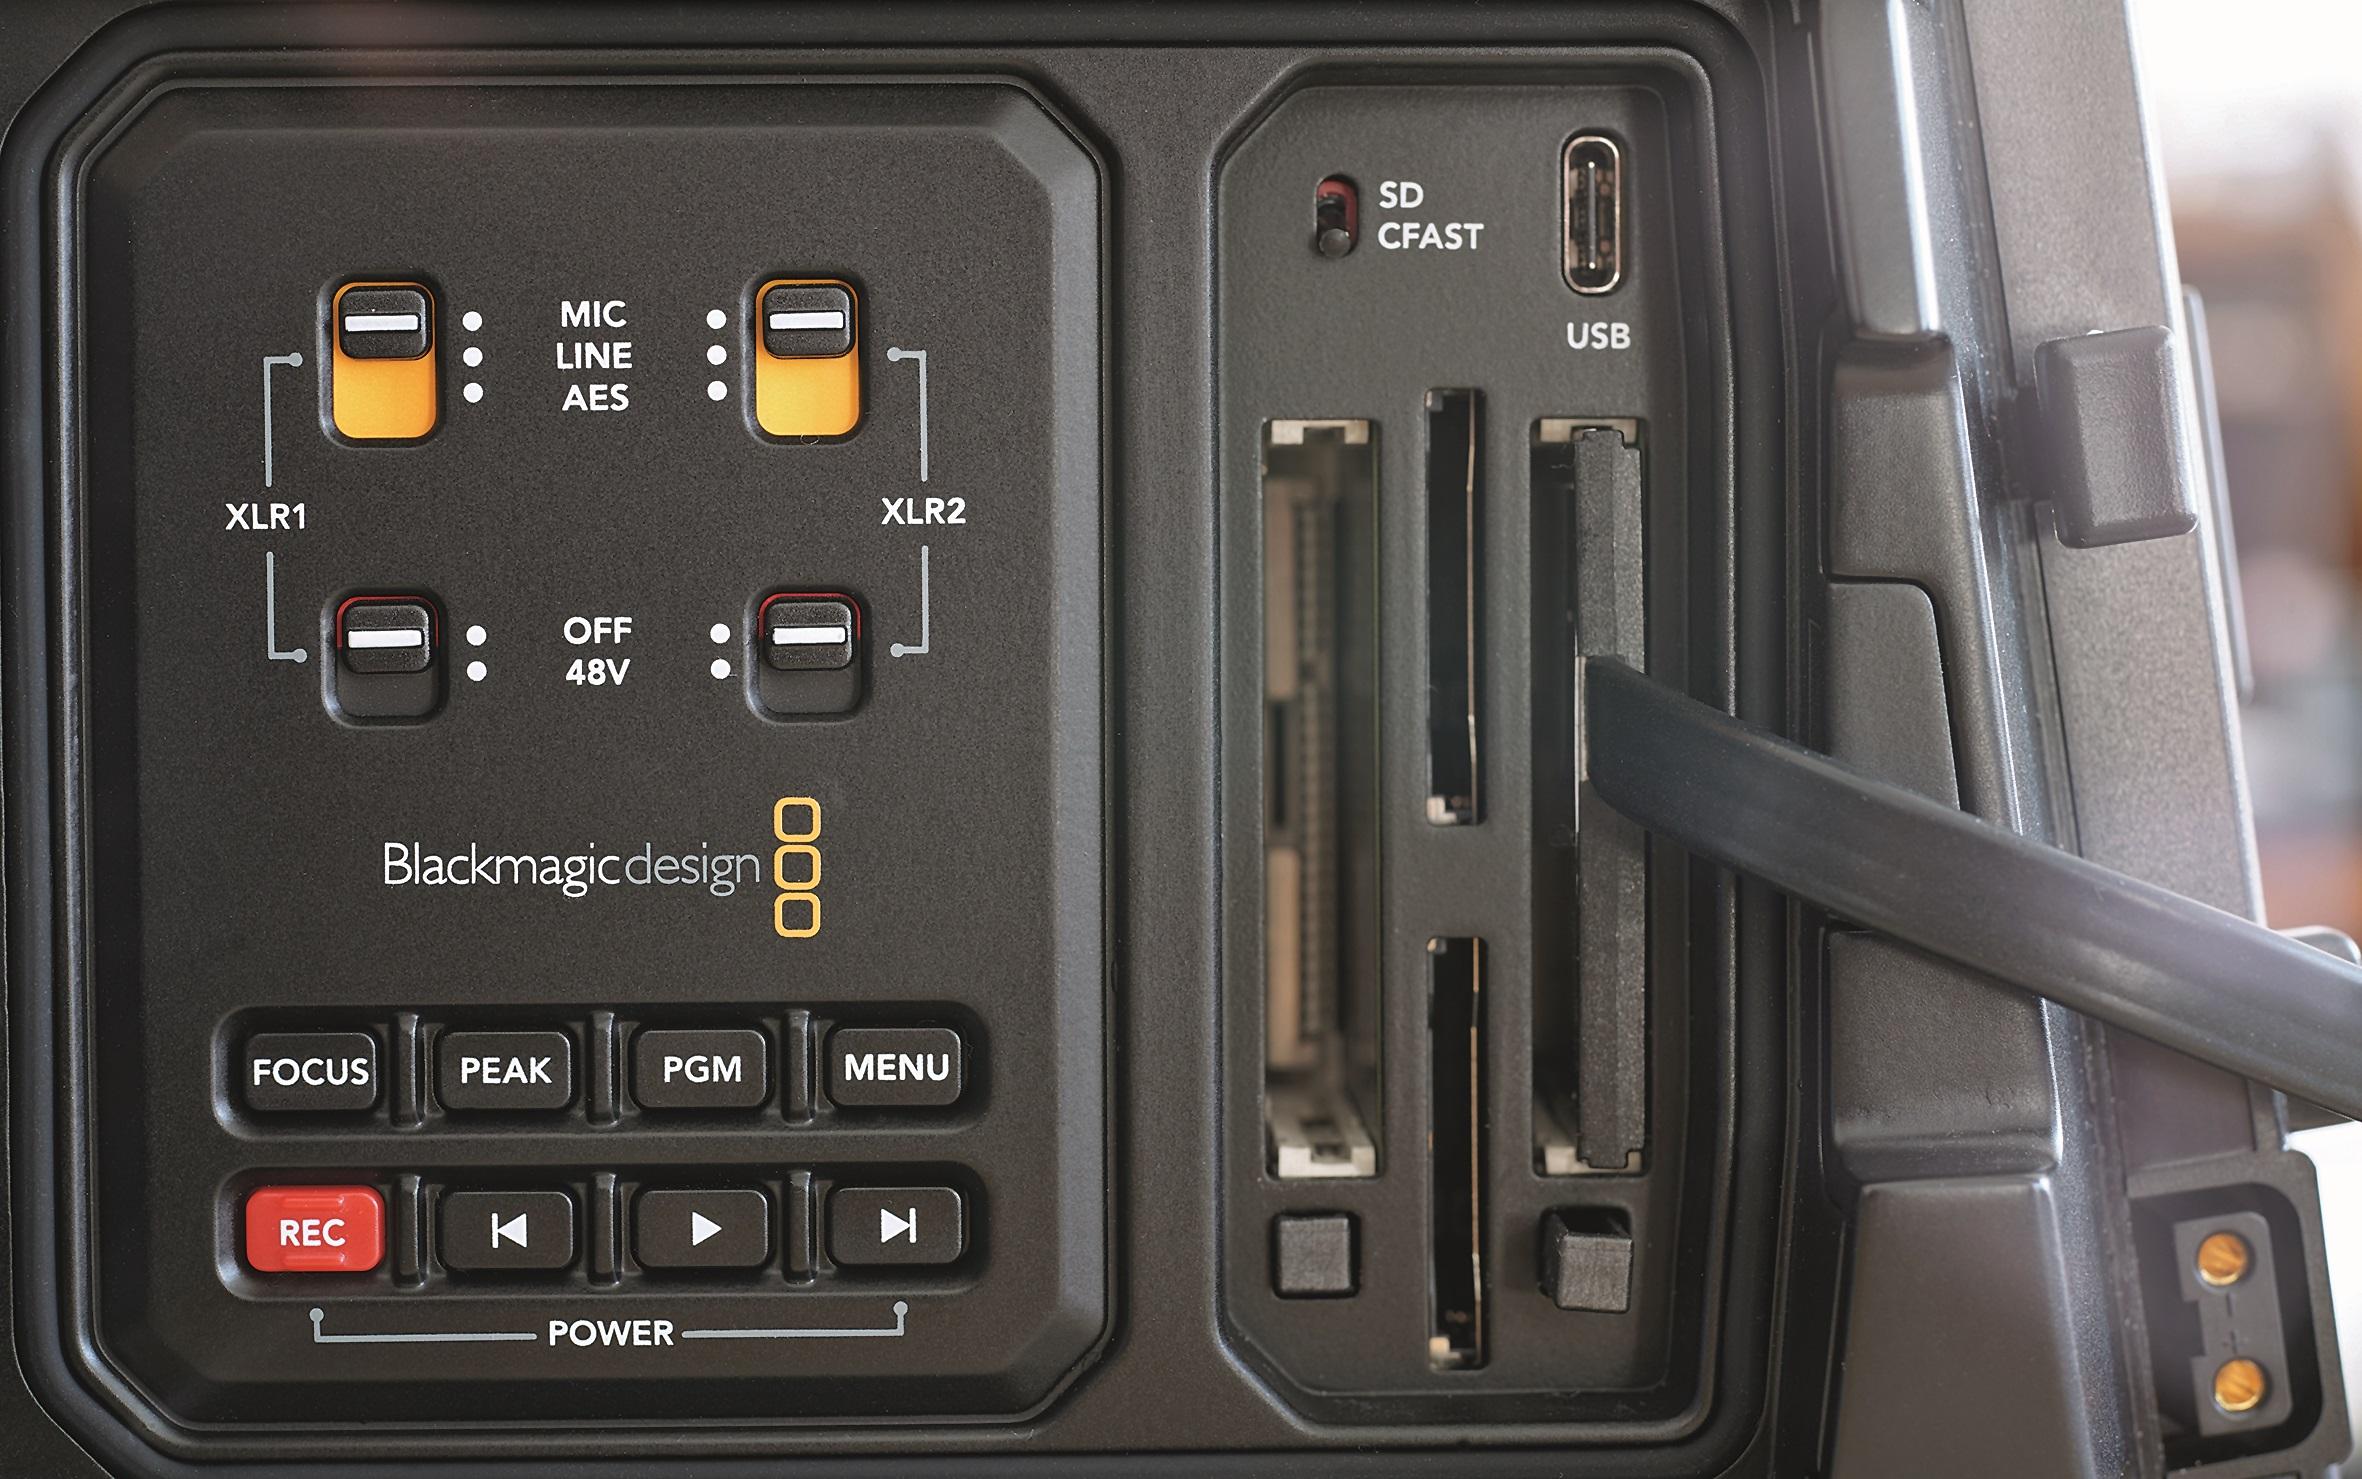 Nur im hinteren Slot funktionierte der Adapter im Test, aber vorn kann zusätzlich eine CFast-Karte genutzt werden.